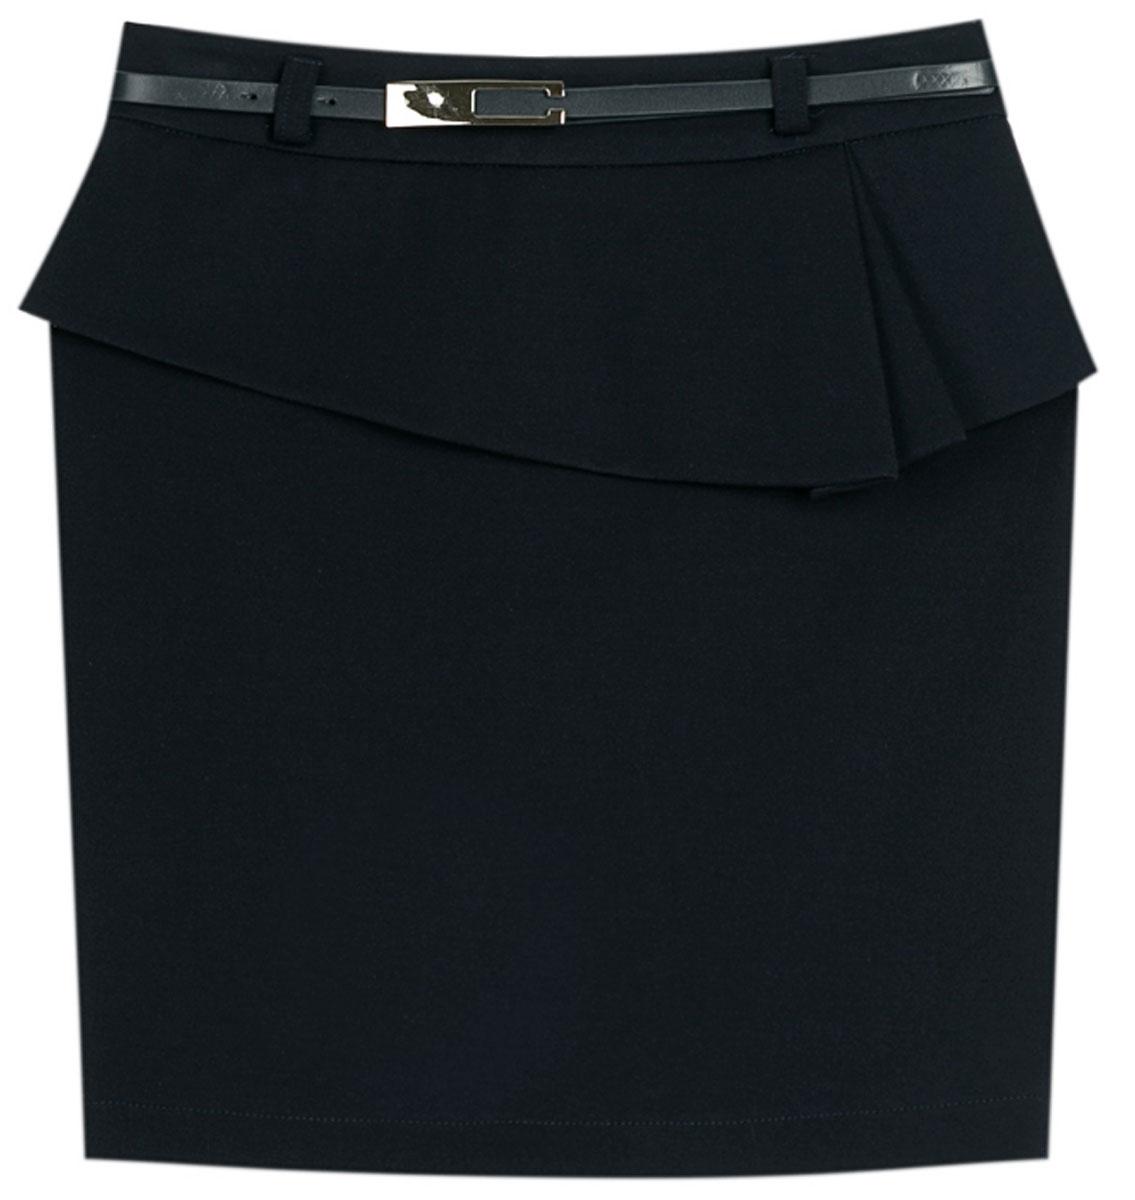 Юбка для девочки Vitacci, цвет: черный. 2173043L-03. Размер 1642173043L-03Стильная юбка для девочки от Vitacci выполнена из вискозы и нейлона с добавлением эластана. Модель дополнена ремешком и баской, застегивается на молнию.